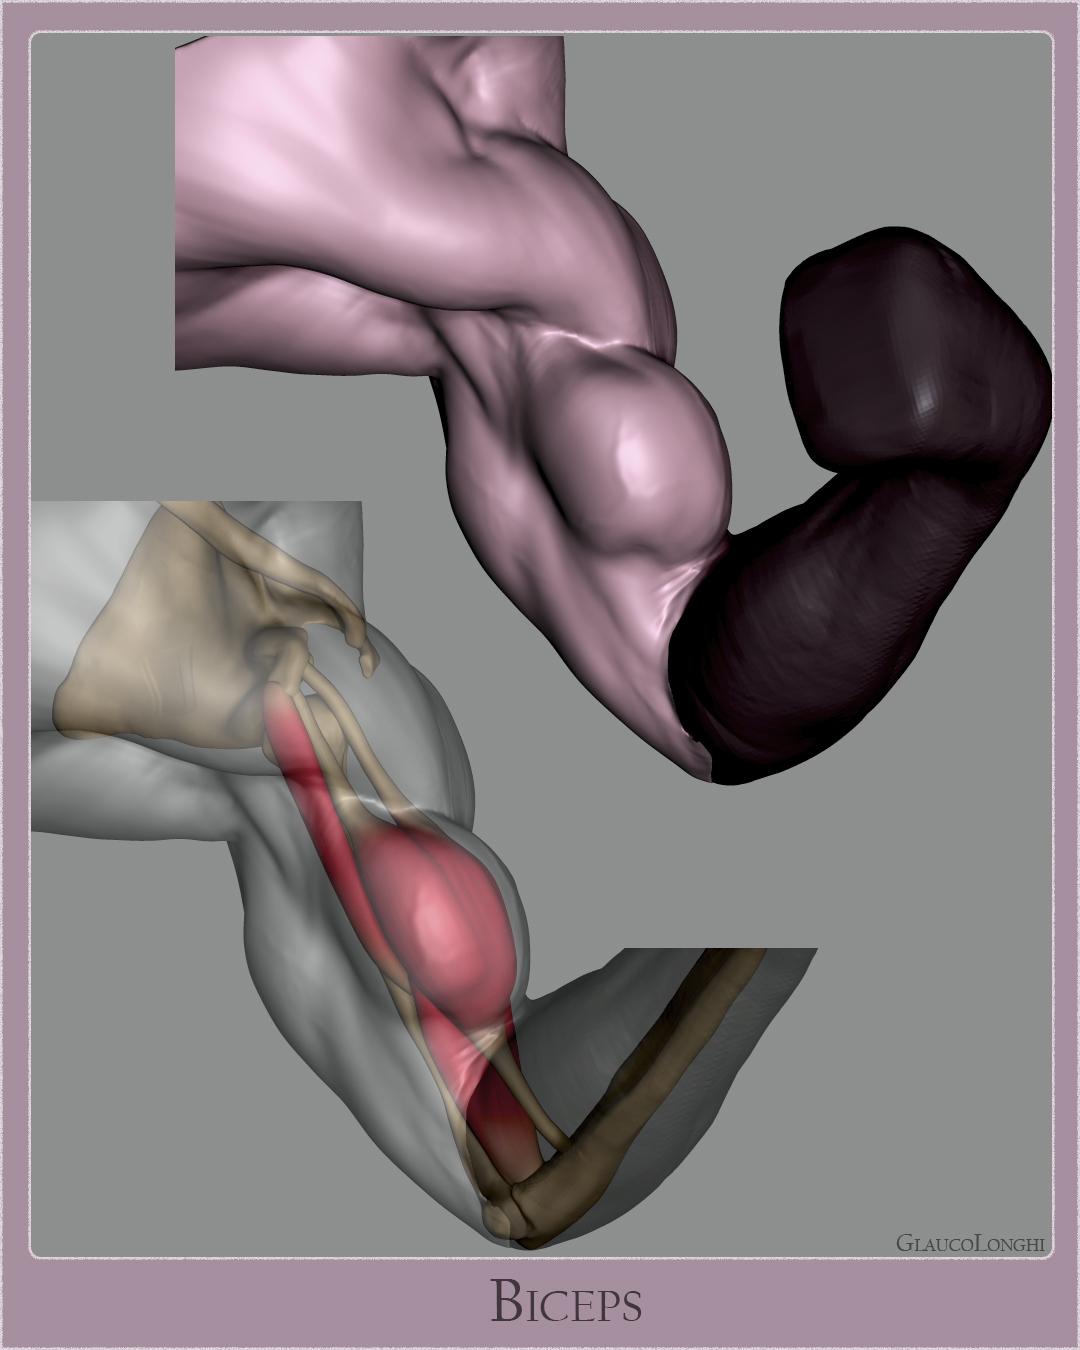 biceps_003.jpg